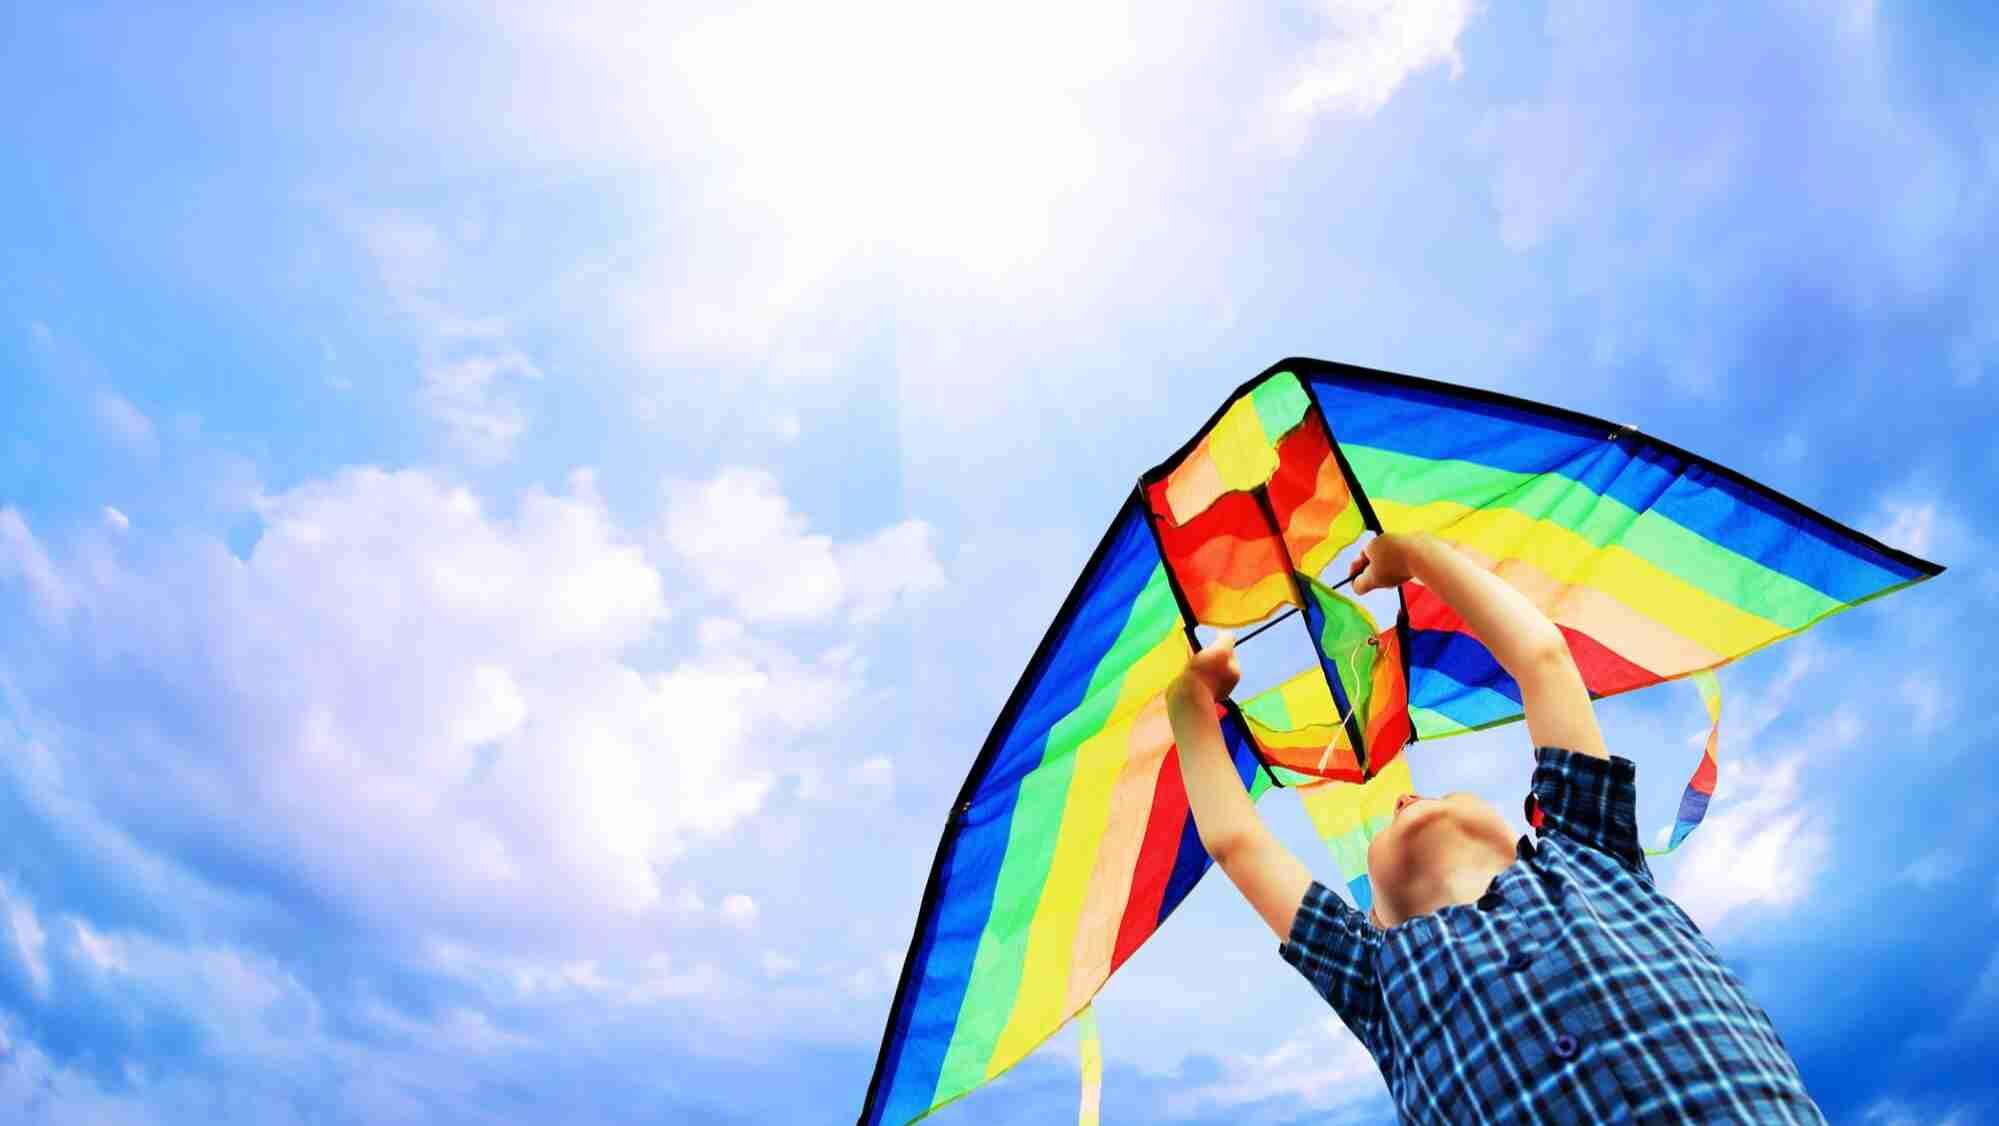 Kite Festival Day Worksheet For Kids